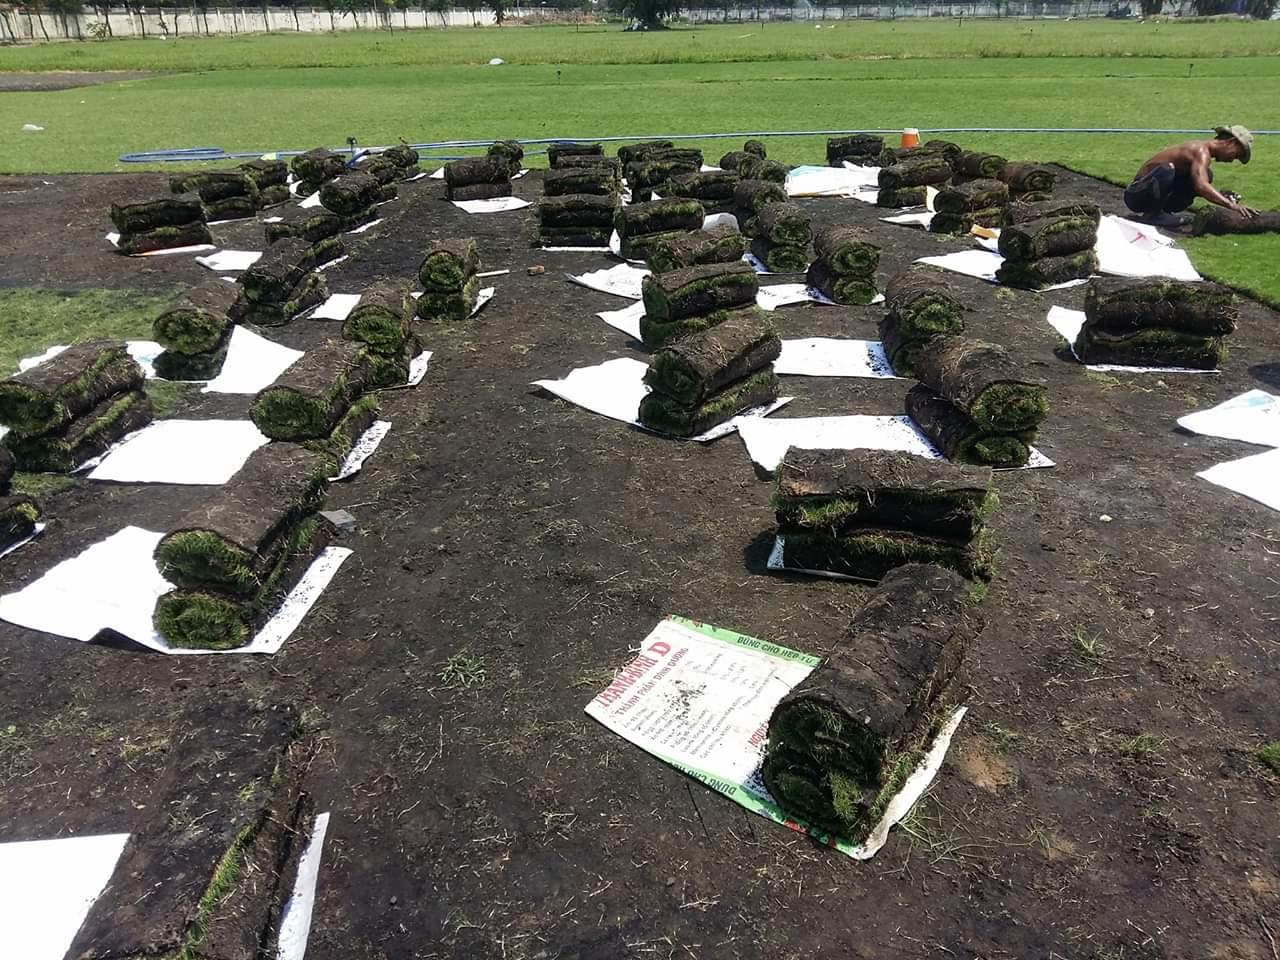 Dịch vụ trồng cỏ xanh do An Khang thực hiện